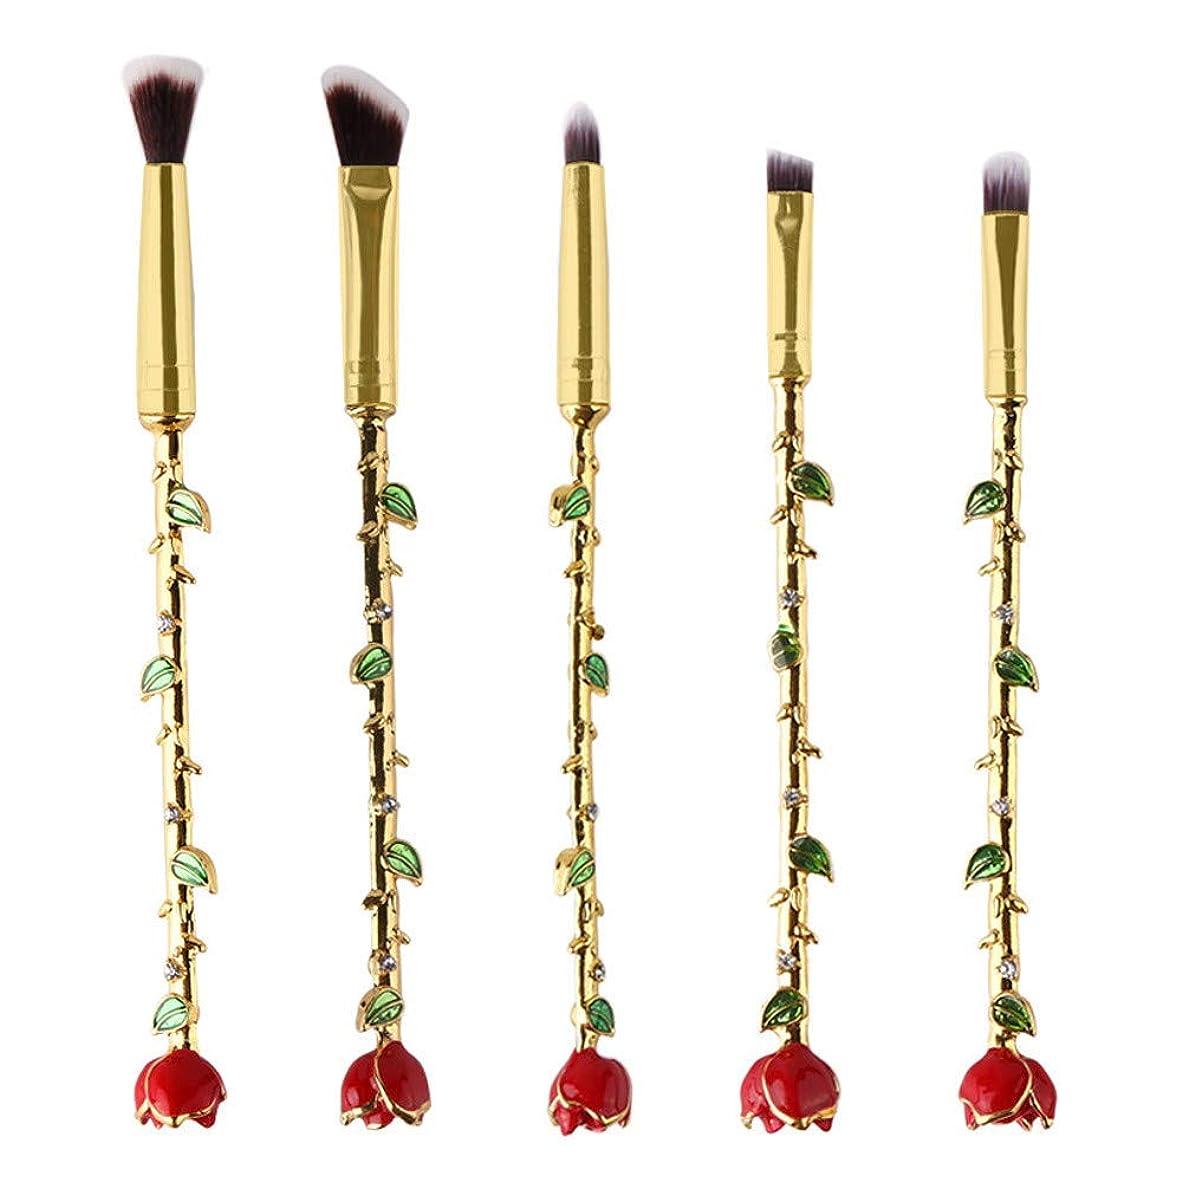 アレイうなずくペリスコープCimaybeauty 5個 バラ化粧ブラシ ゴールデンマウスチューブ ローズレッドパフ 人気 マーメイドブラシ 毛量たっぷり 極細毛 粉含み抜群 化粧筆 ふわふわ お肌に優しい クリスマス ギフト プレゼント